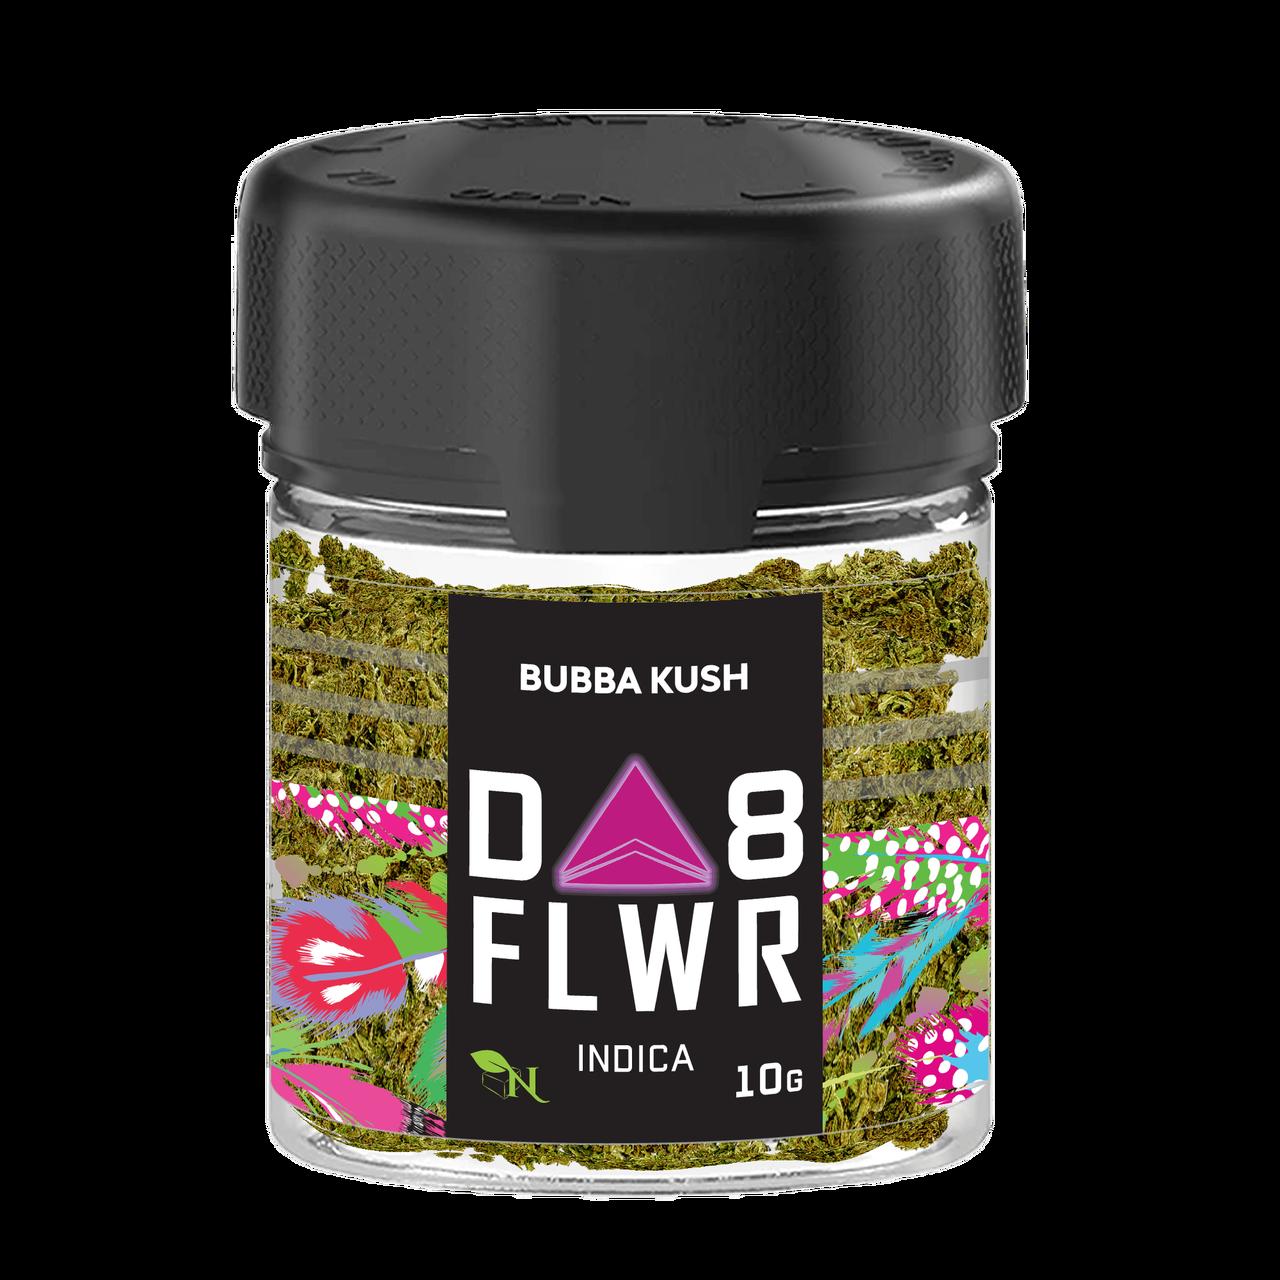 D8_FLWR_Bubba_Kush